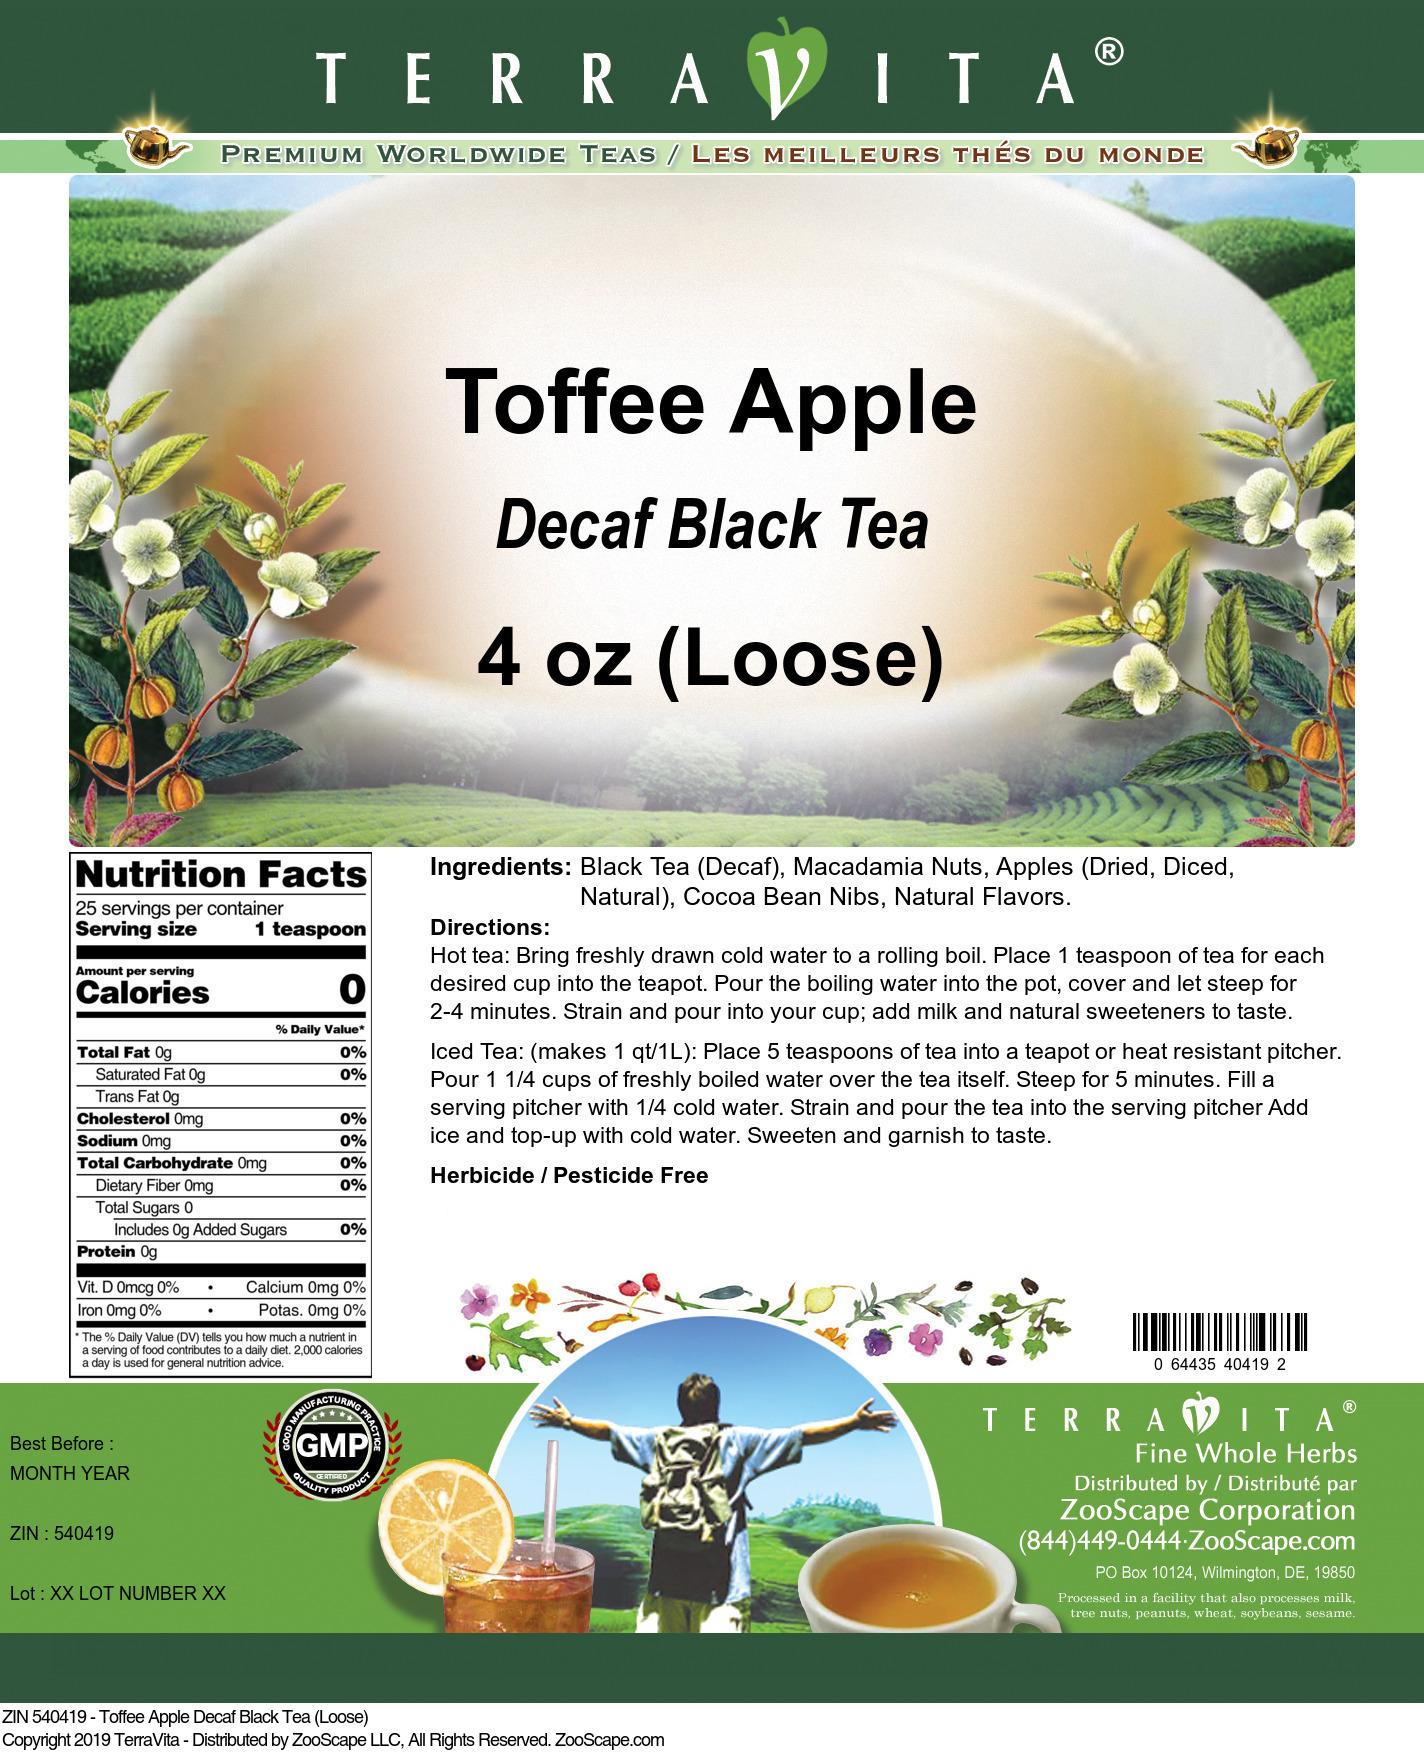 Toffee Apple Decaf Black Tea